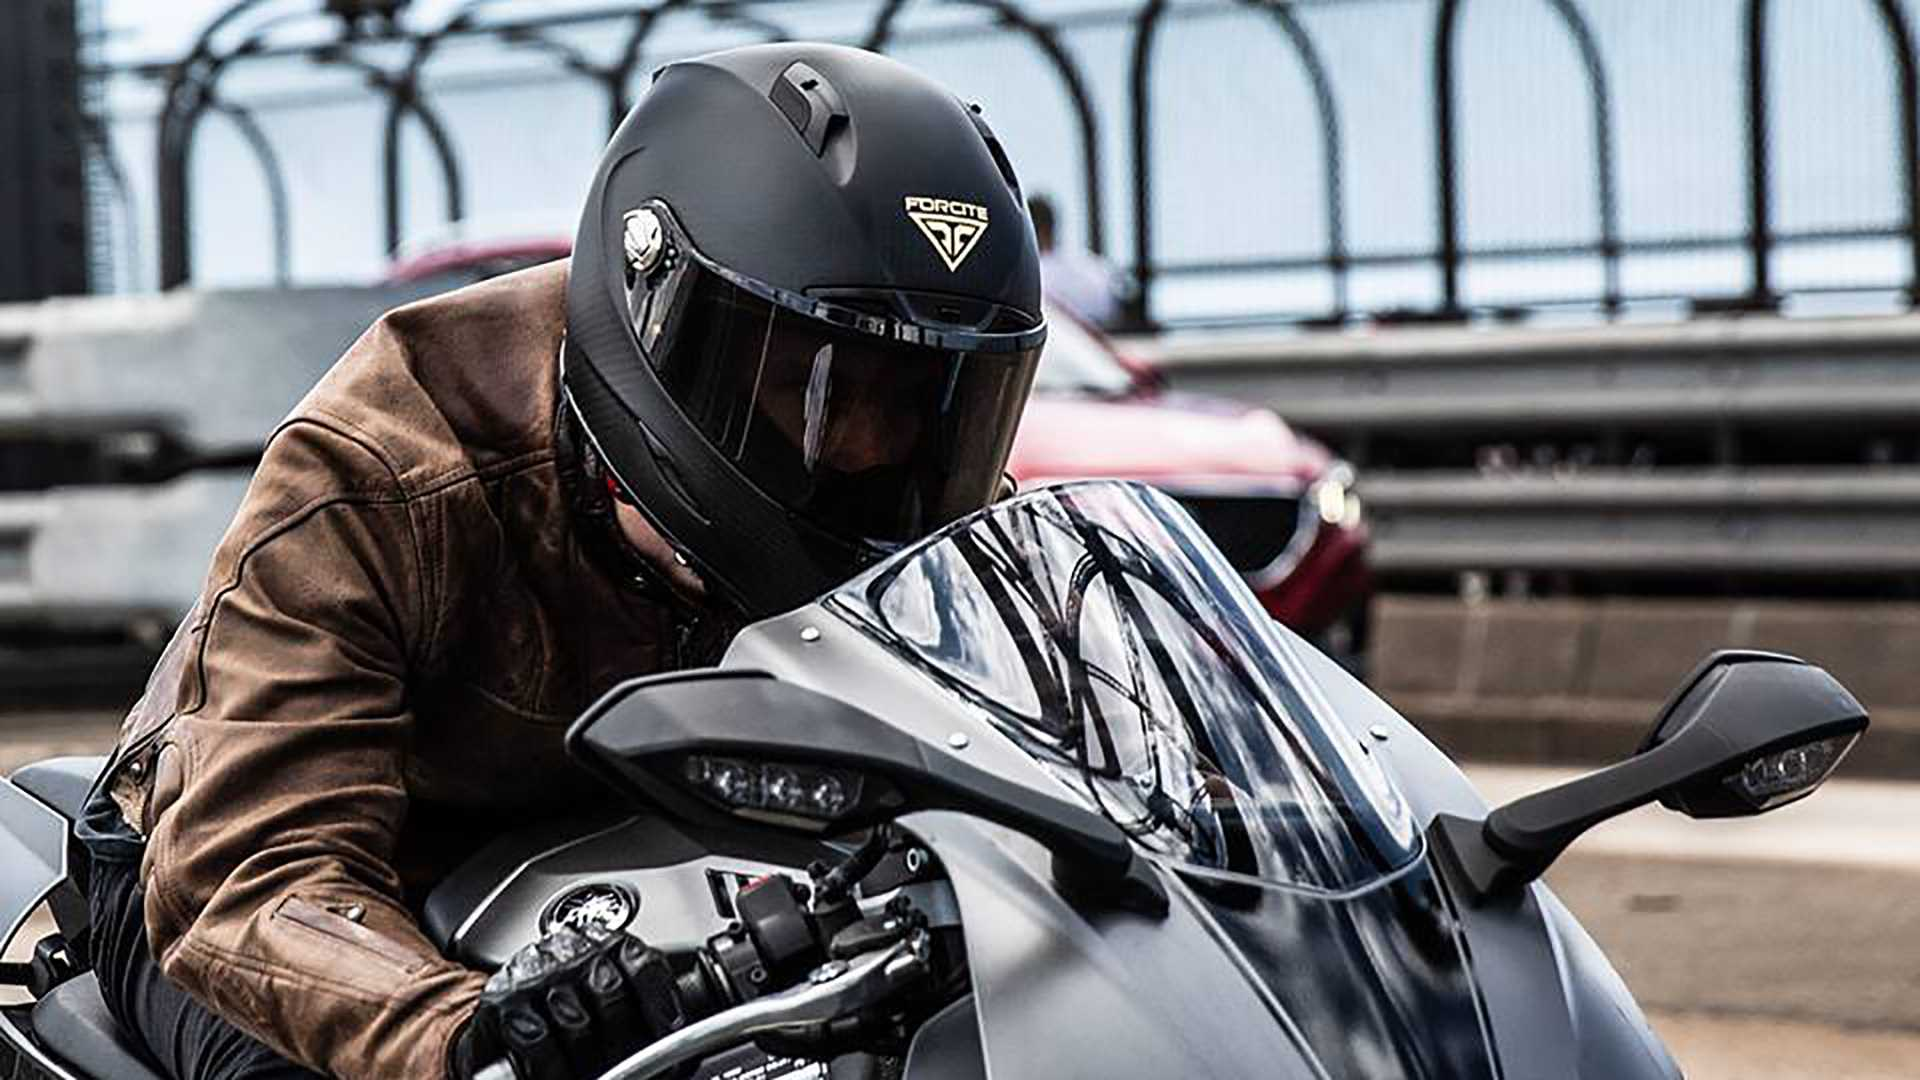 Mũ bảo hiểm Forcite do Rider đeo